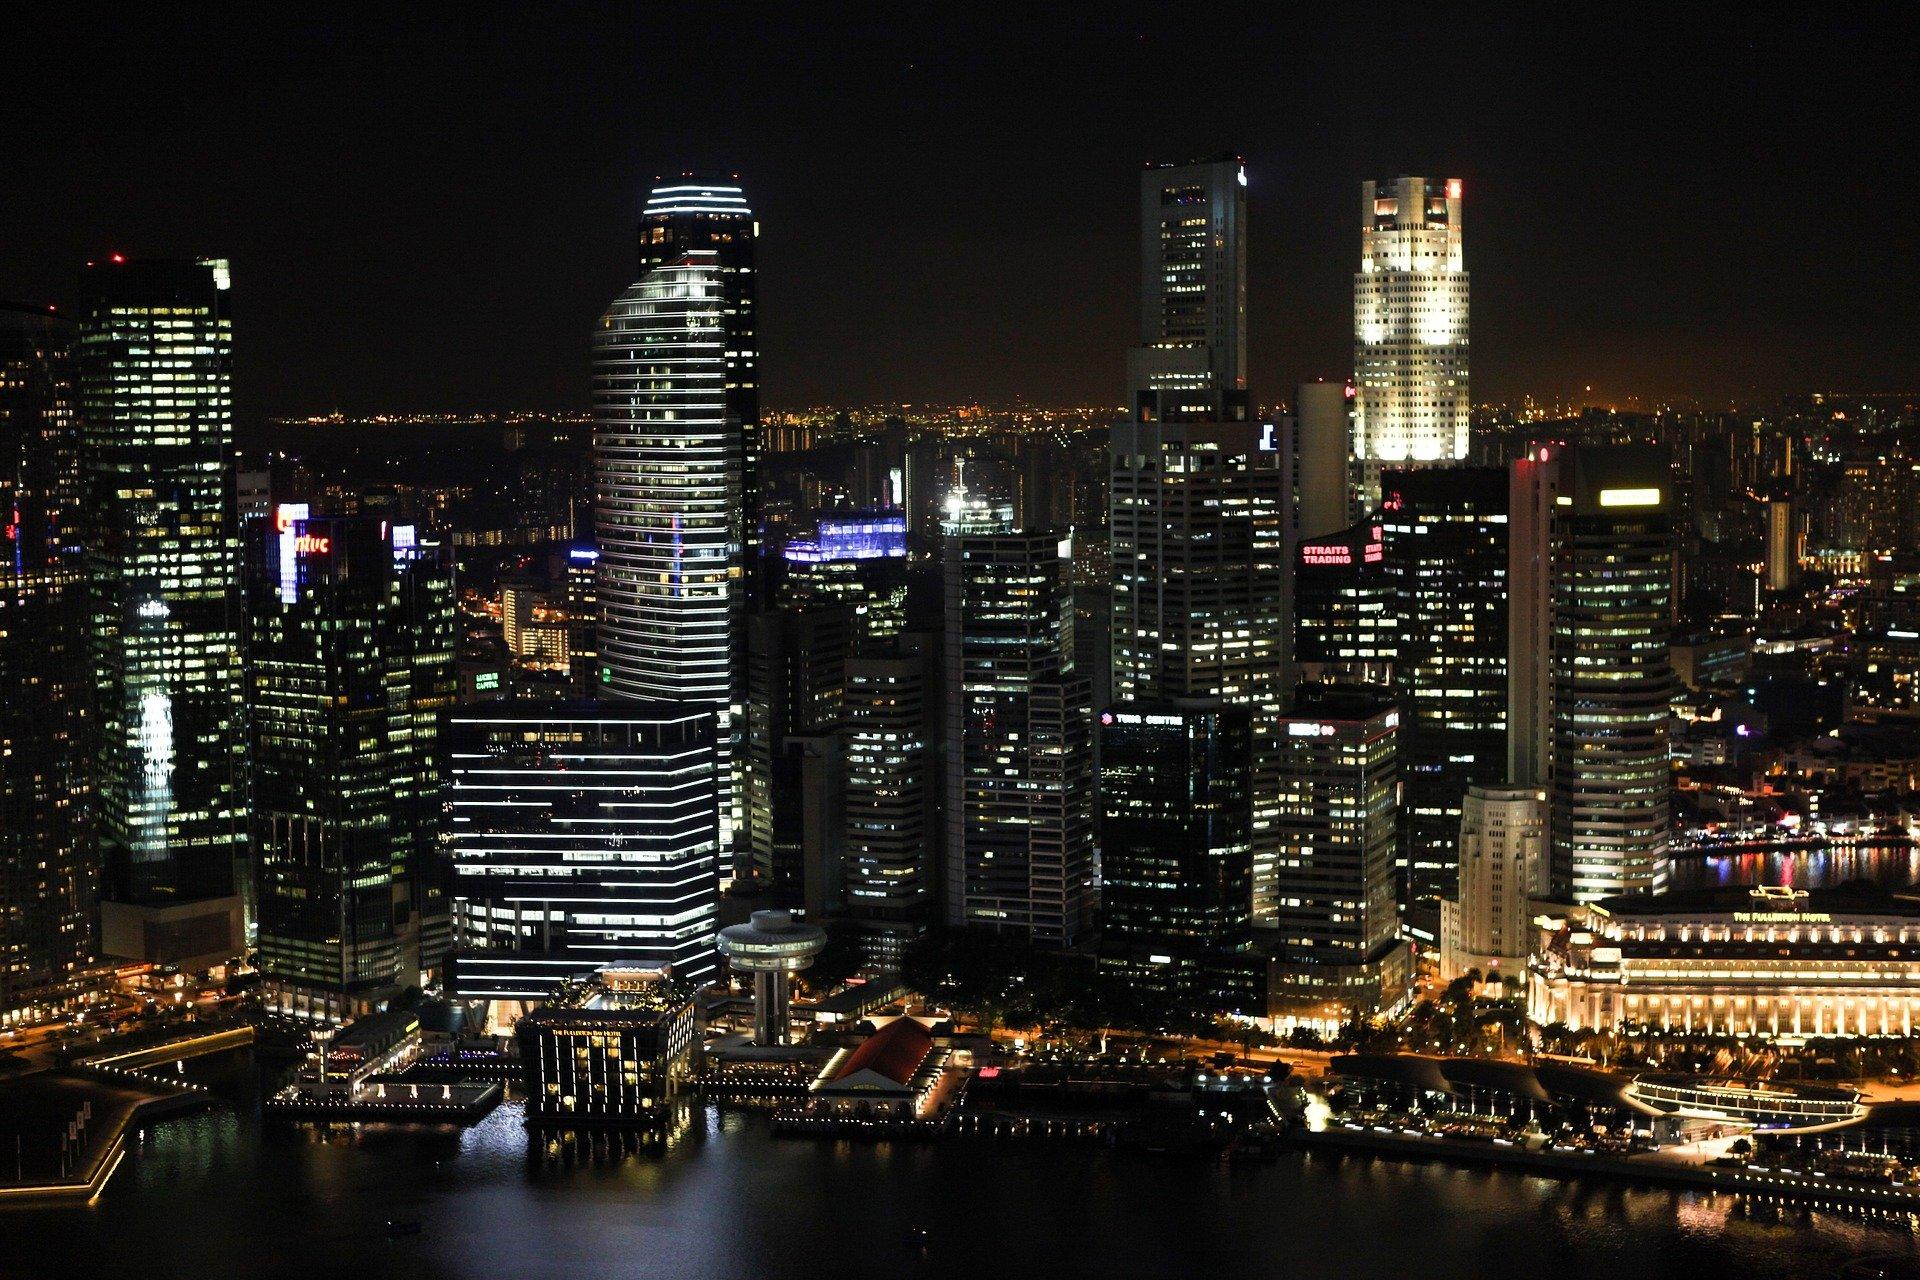 Reputacja Singapuru, jako stabilnego, anglojęzycznego państwa, mogącego służyć jako punkt ekspansji do wielomilionowych rynków azjatyckich, będzie się umacniać (fot. Pixabay)